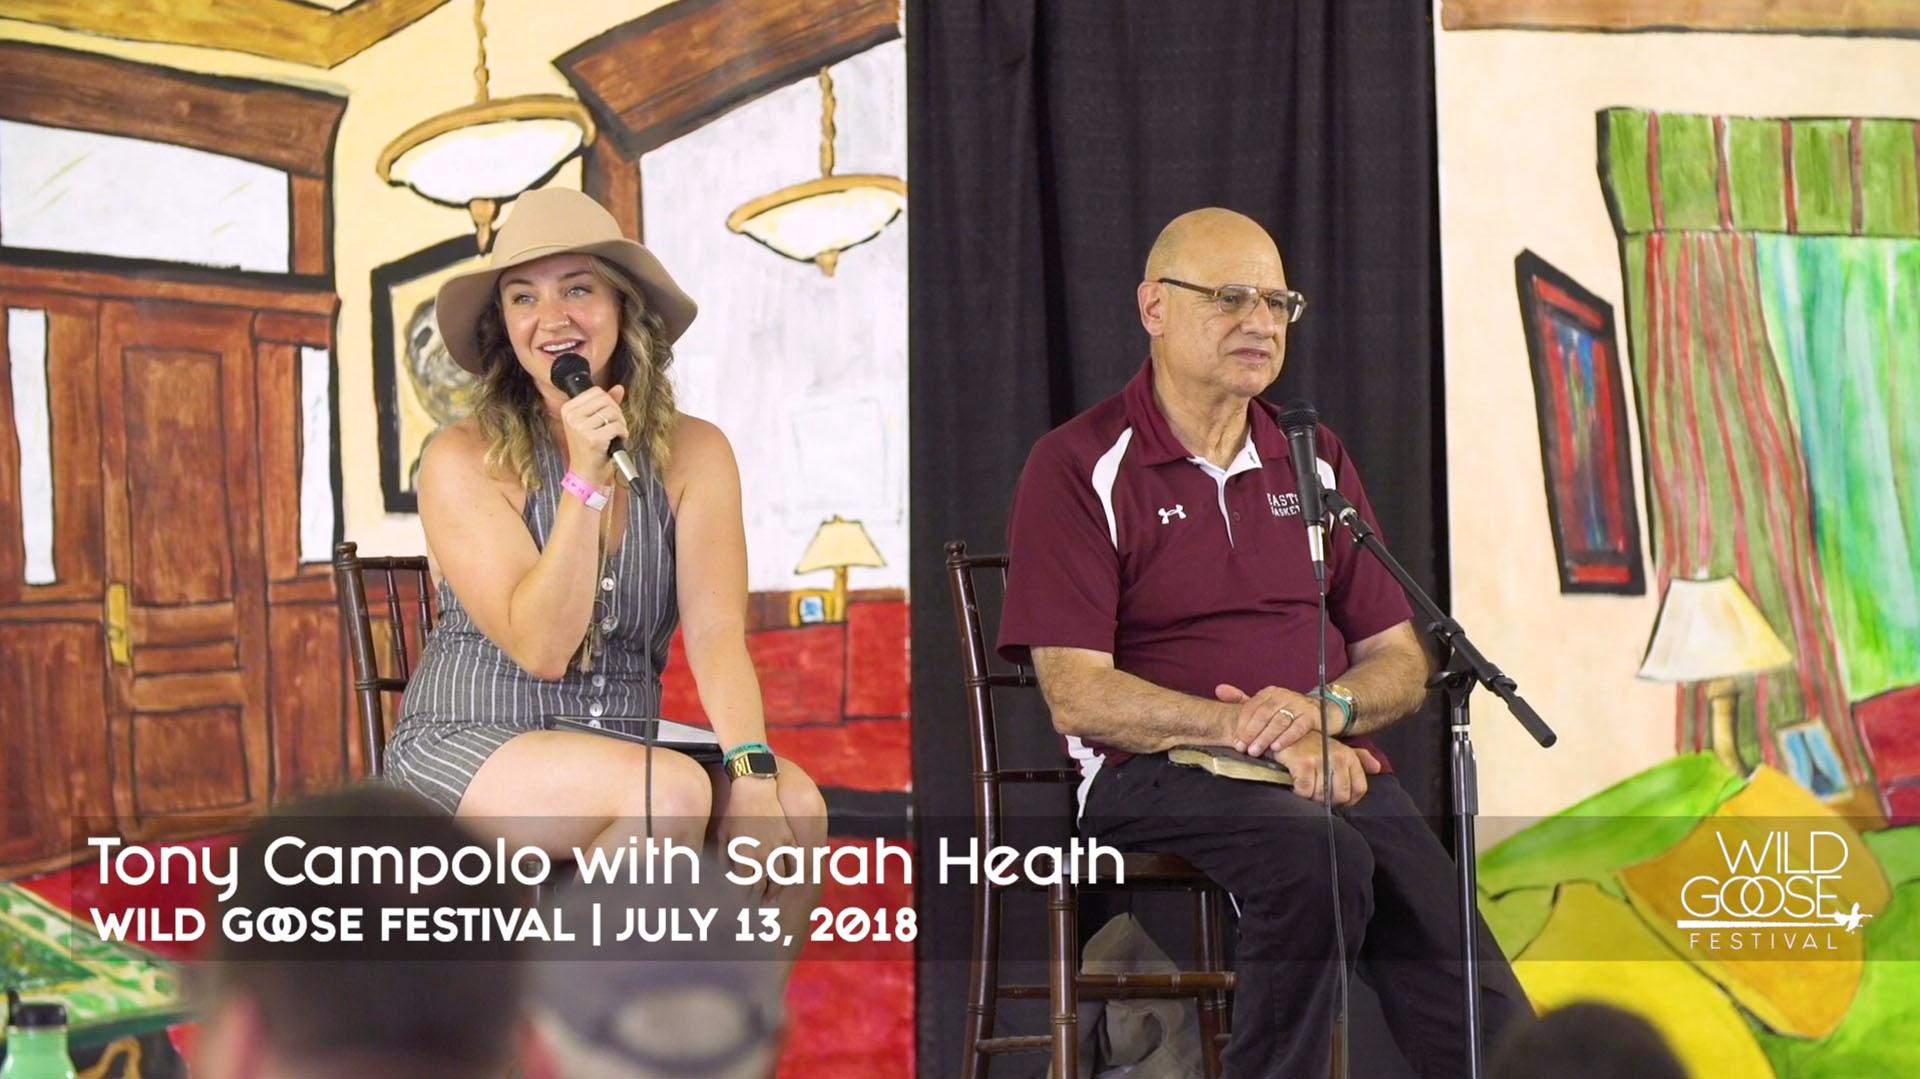 Tony Campolo & Sarah Heath